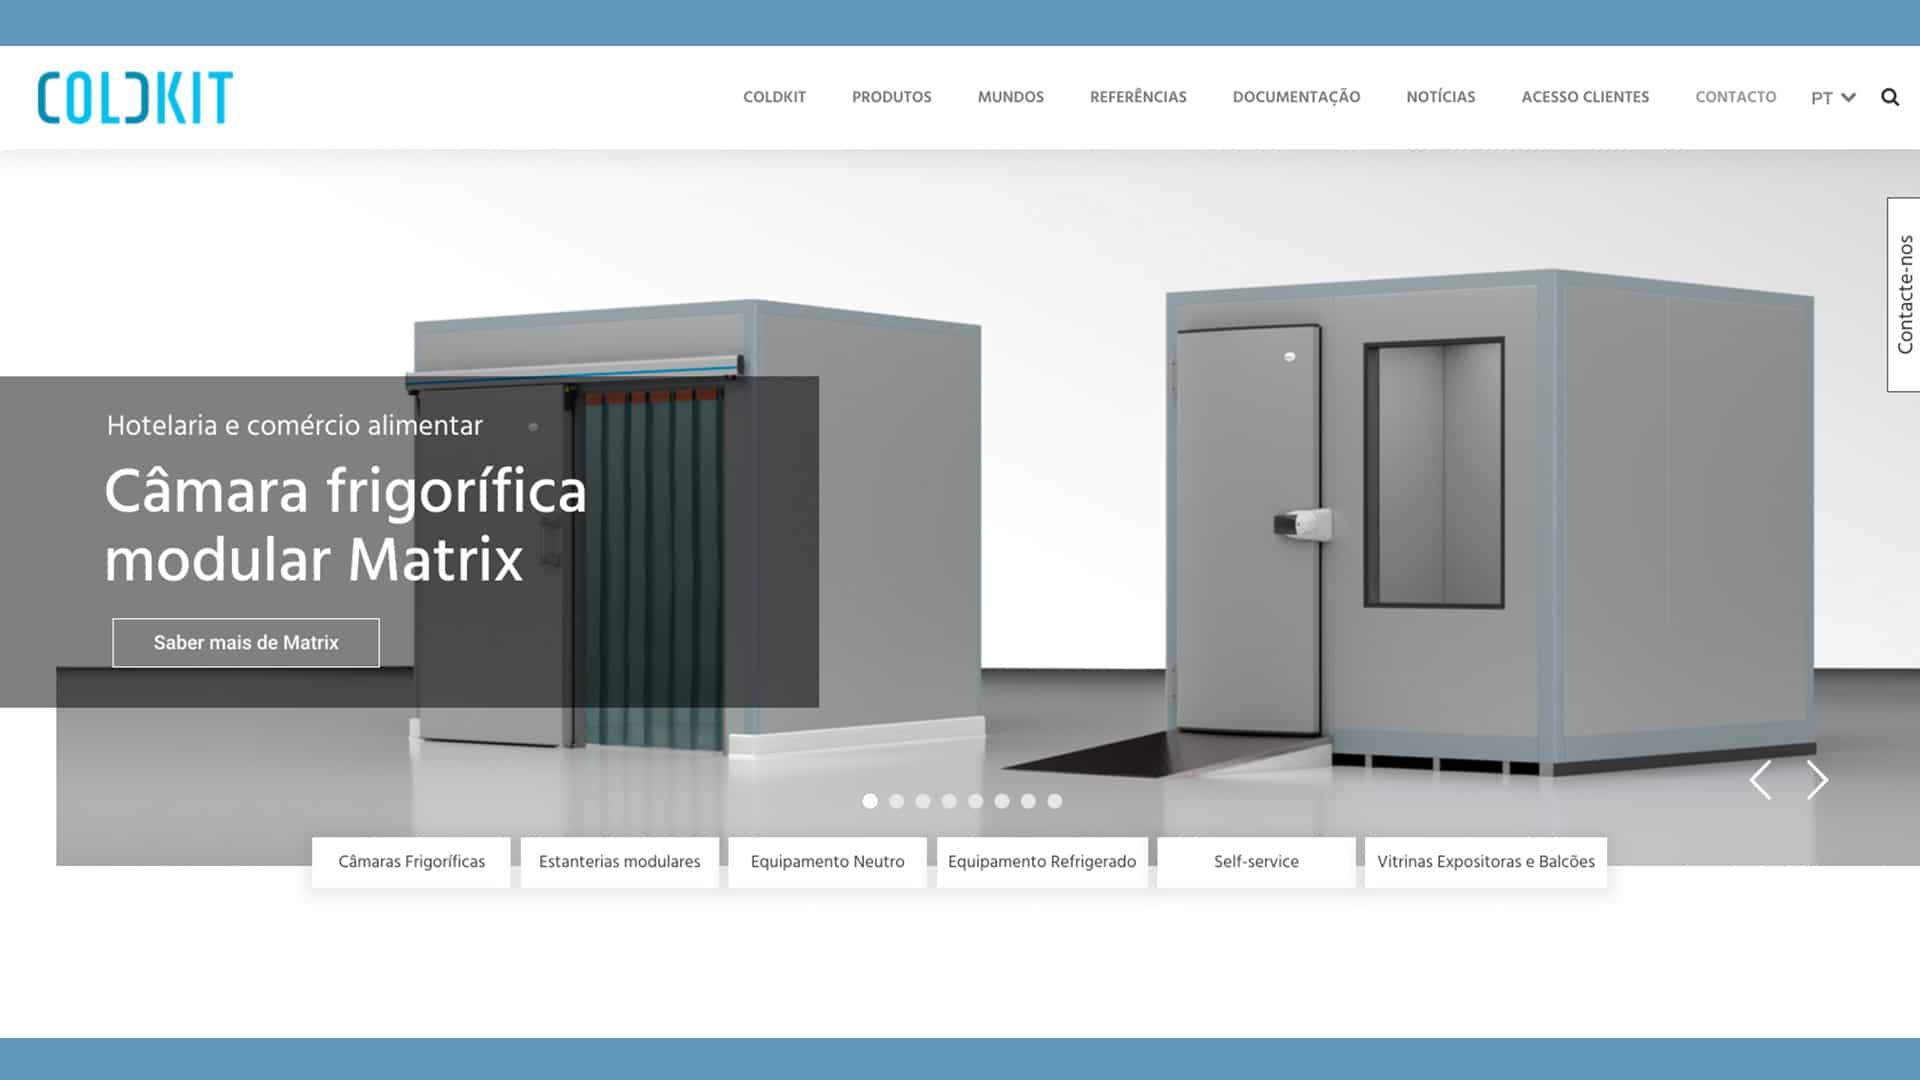 novo website